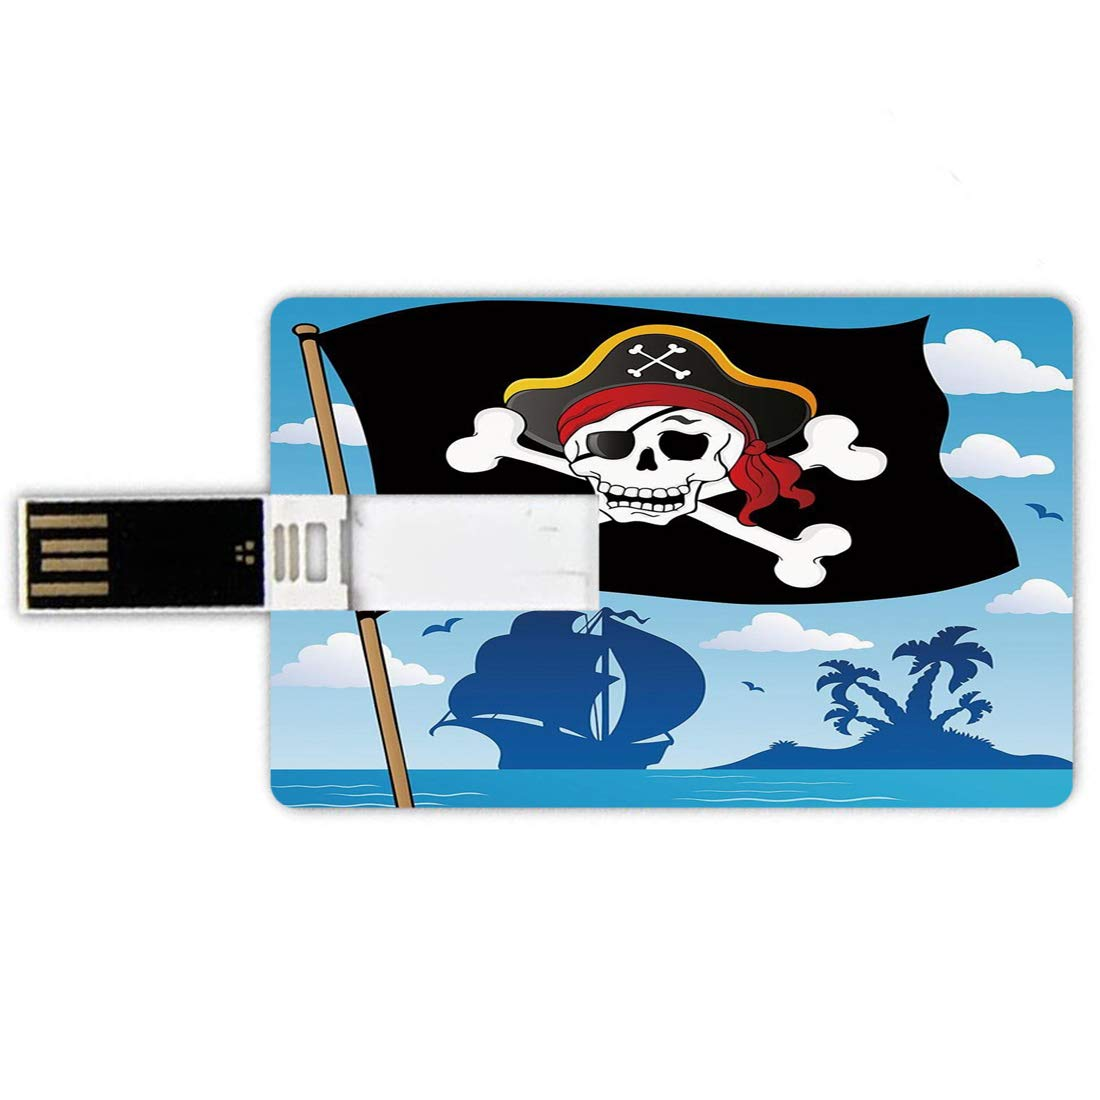 64GB Forma de tarjeta de crédito de unidades flash USB ...